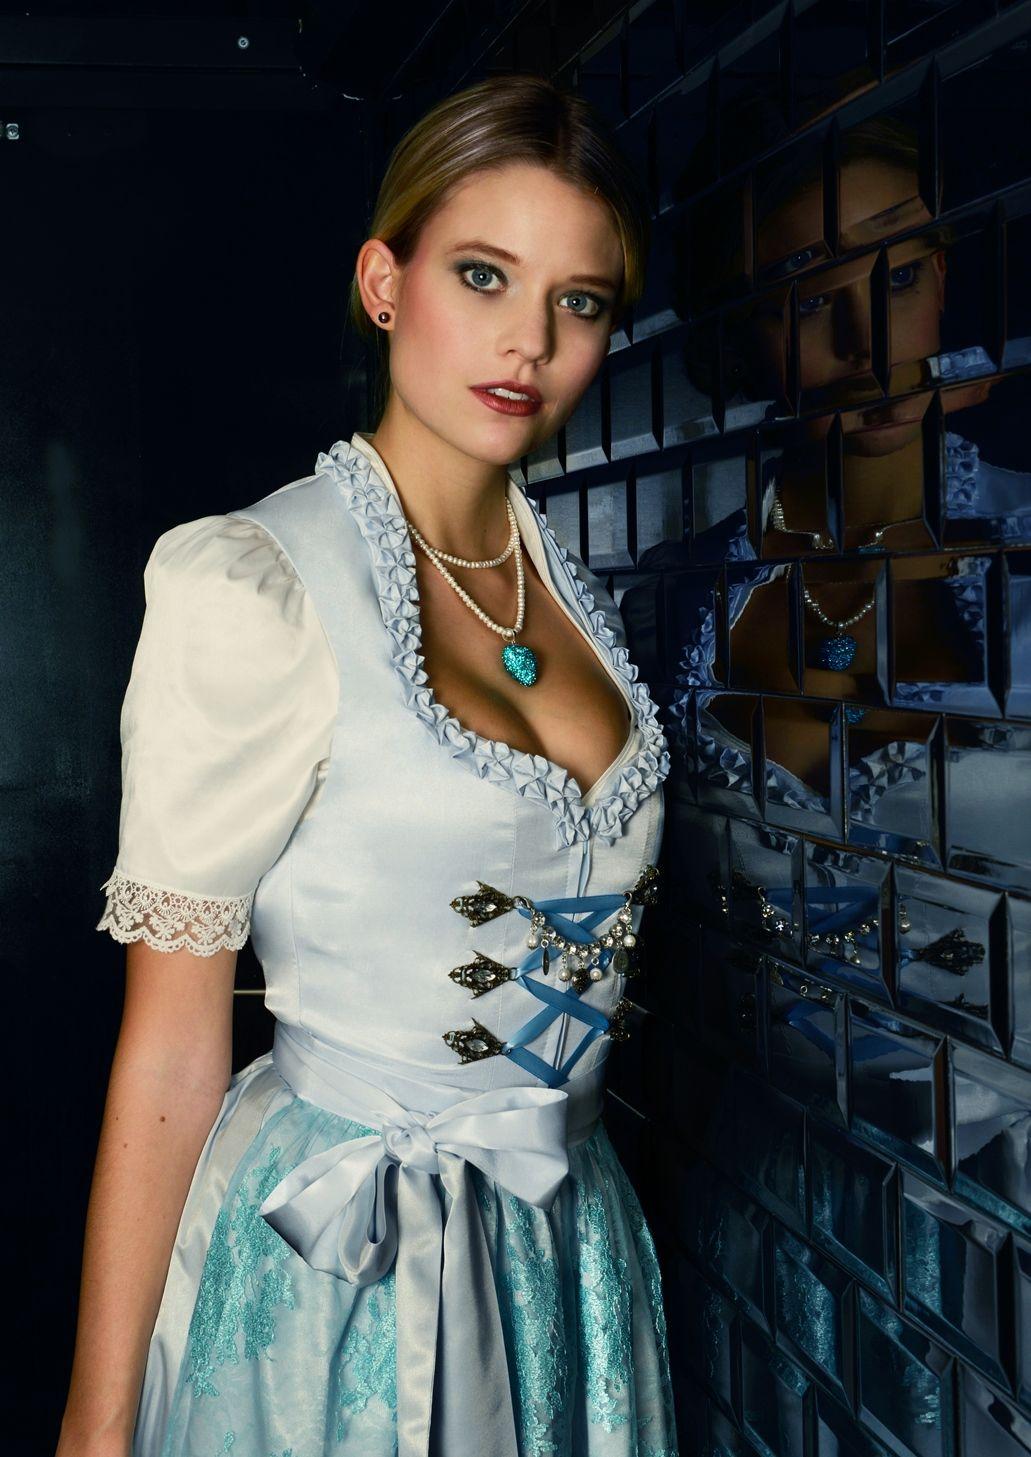 Designer In München ob ein klassisches oktoberfest dirndl ein exklusives couture dirndl